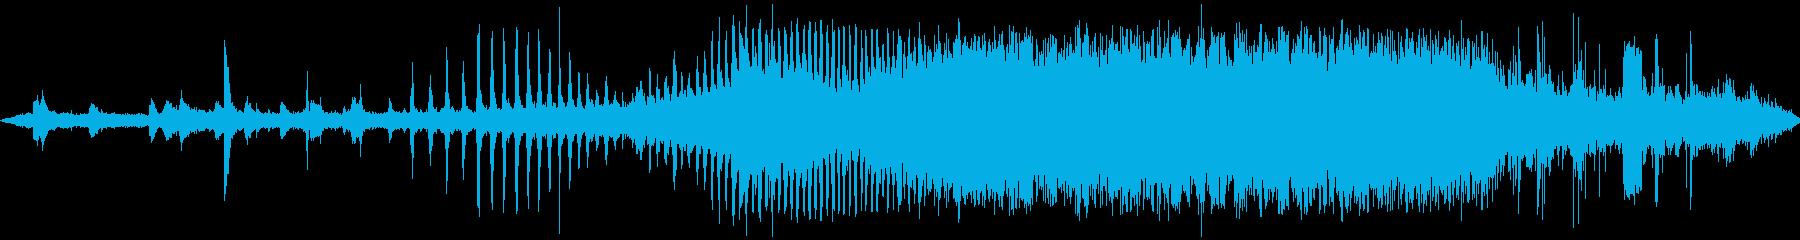 蒸気機関車の発車する音の再生済みの波形